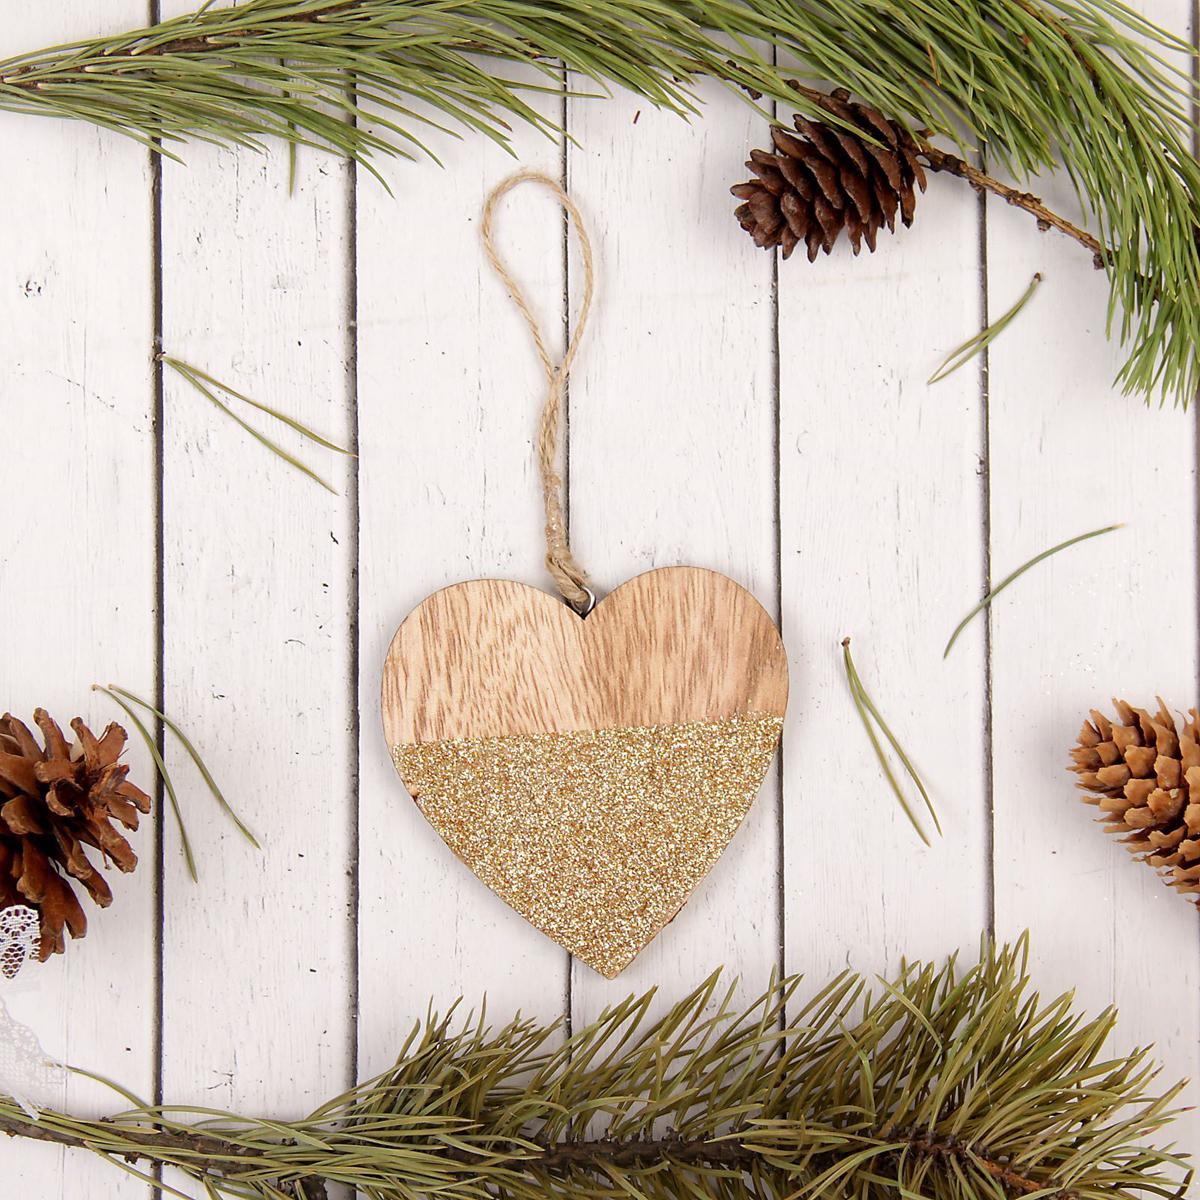 Украшение новогоднее подвесное Sima-land Сердце с блёстками, 9 см х 9 см2277511Новогодние украшения Sima-land изготовлены из пластика. Изделия имеют плотный корпус, поэтому не разобьются при падении.Невозможно представить нашу жизнь без праздников! Новогодние украшения несут в себе волшебство и красоту праздника. Создайте в своем доме атмосферу тепла, веселья и радости, украшая его всей семьей.